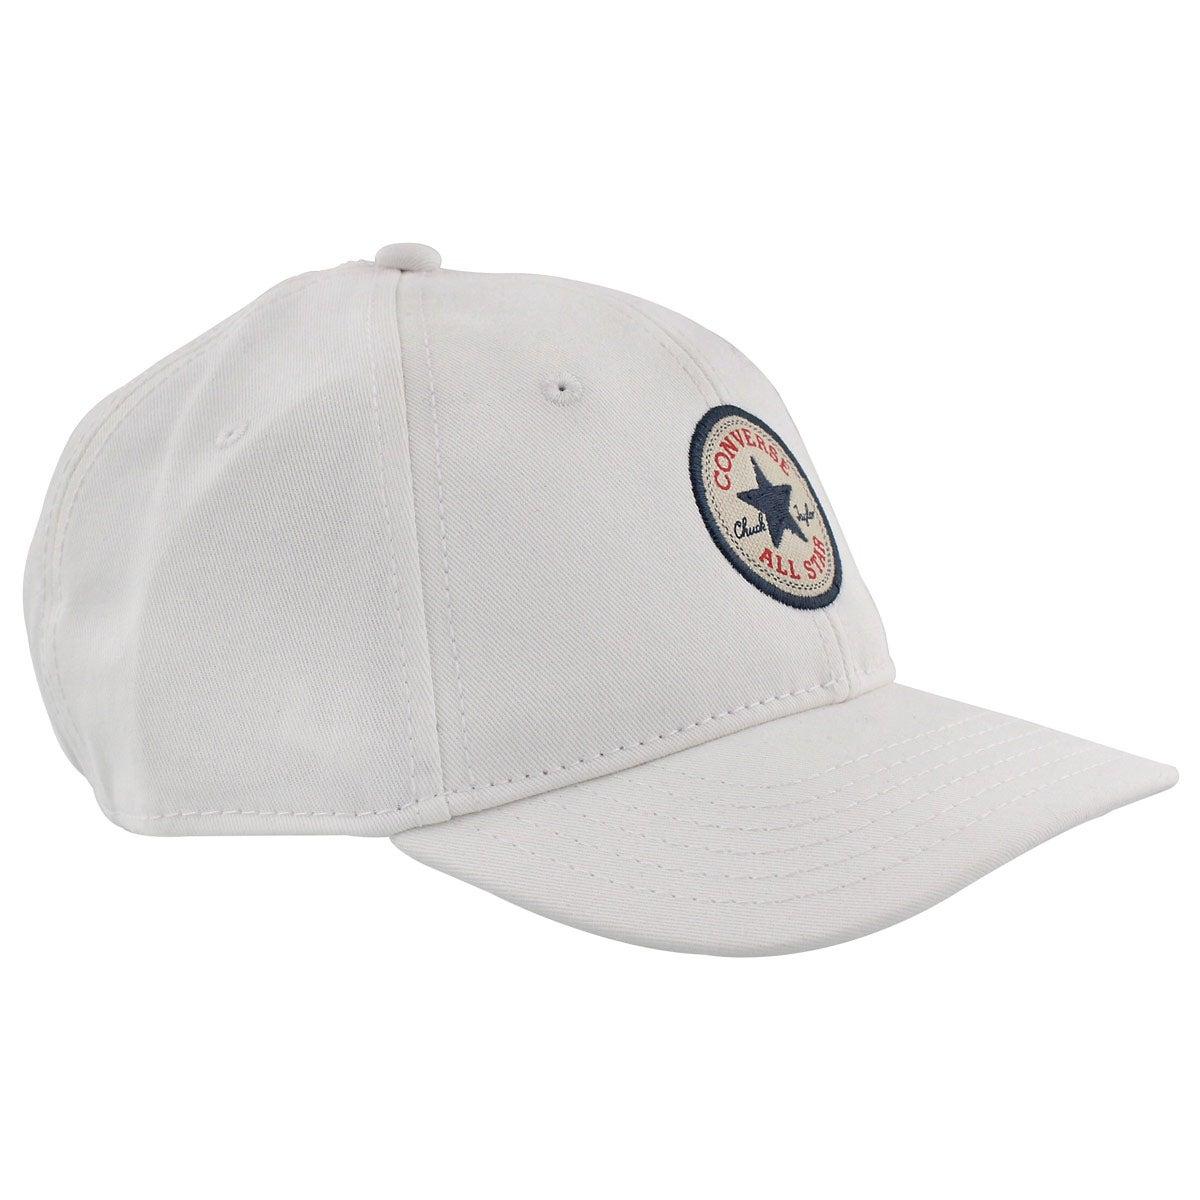 Lds Core white adjustable precurve cap